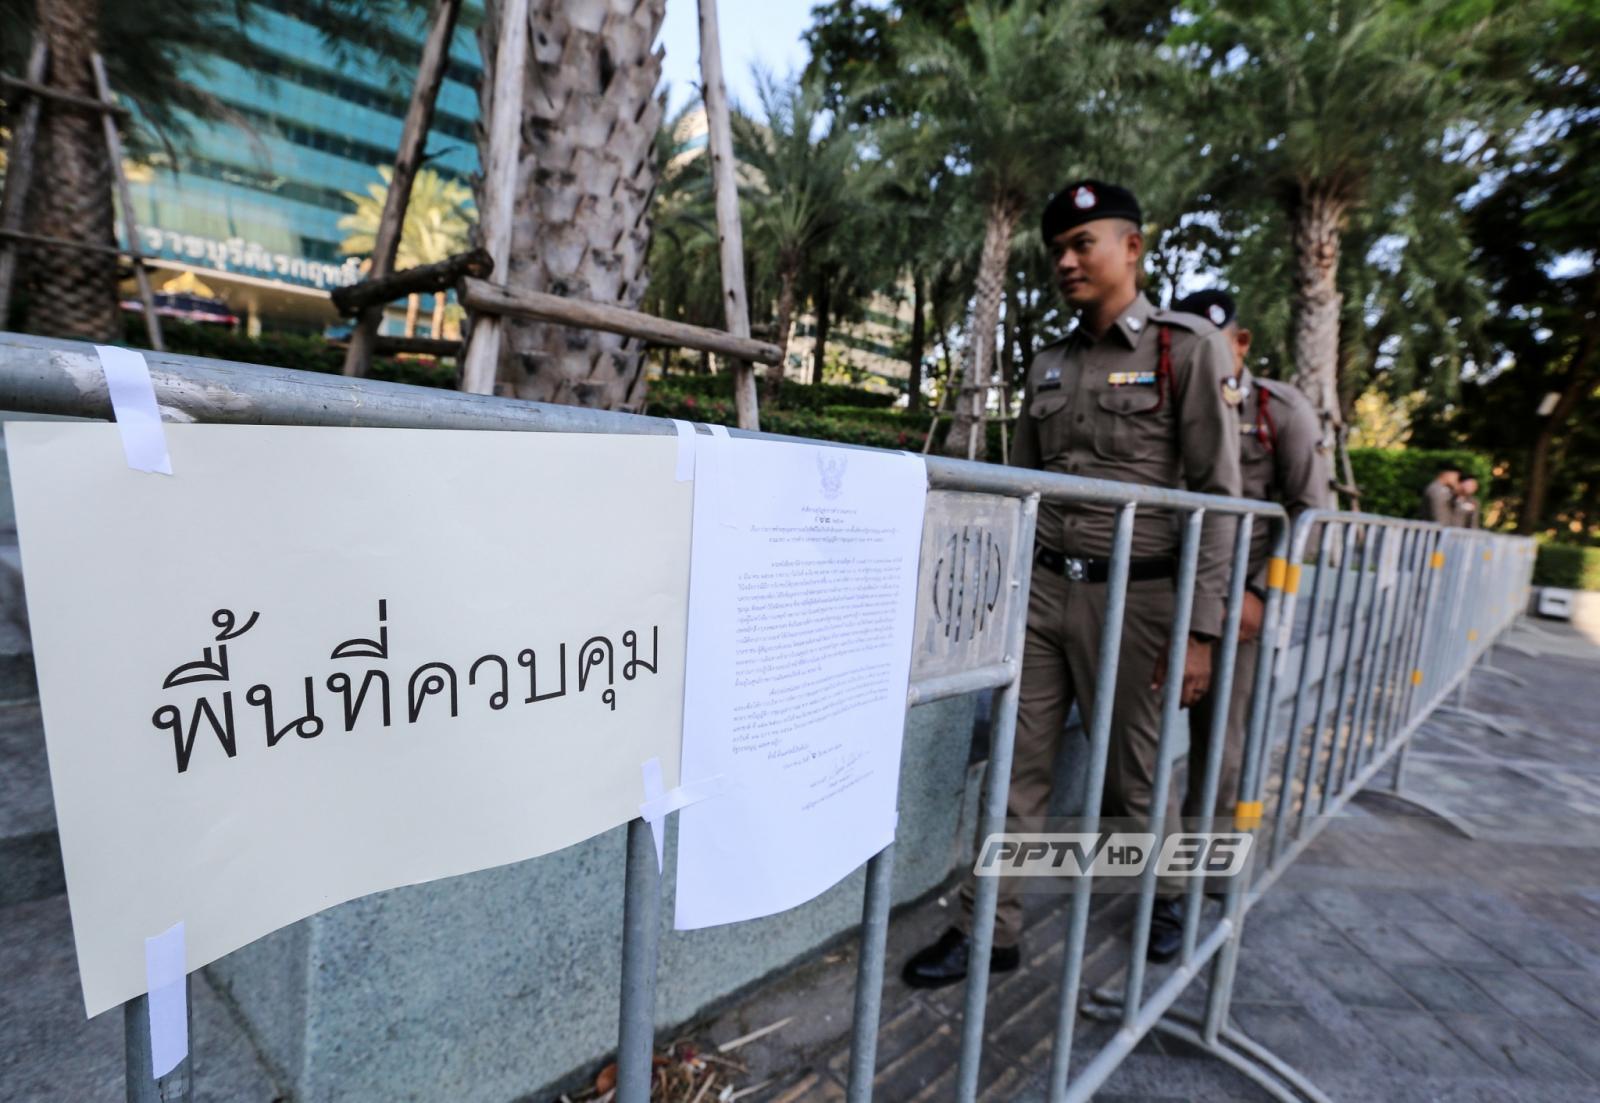 """เปิด 9 ตุลาการฯ ยุบ """"ไทยรักษาชาติ""""  2 คนอยู่ตั้งแต่ยุบ """"ไทยรักไทย"""""""